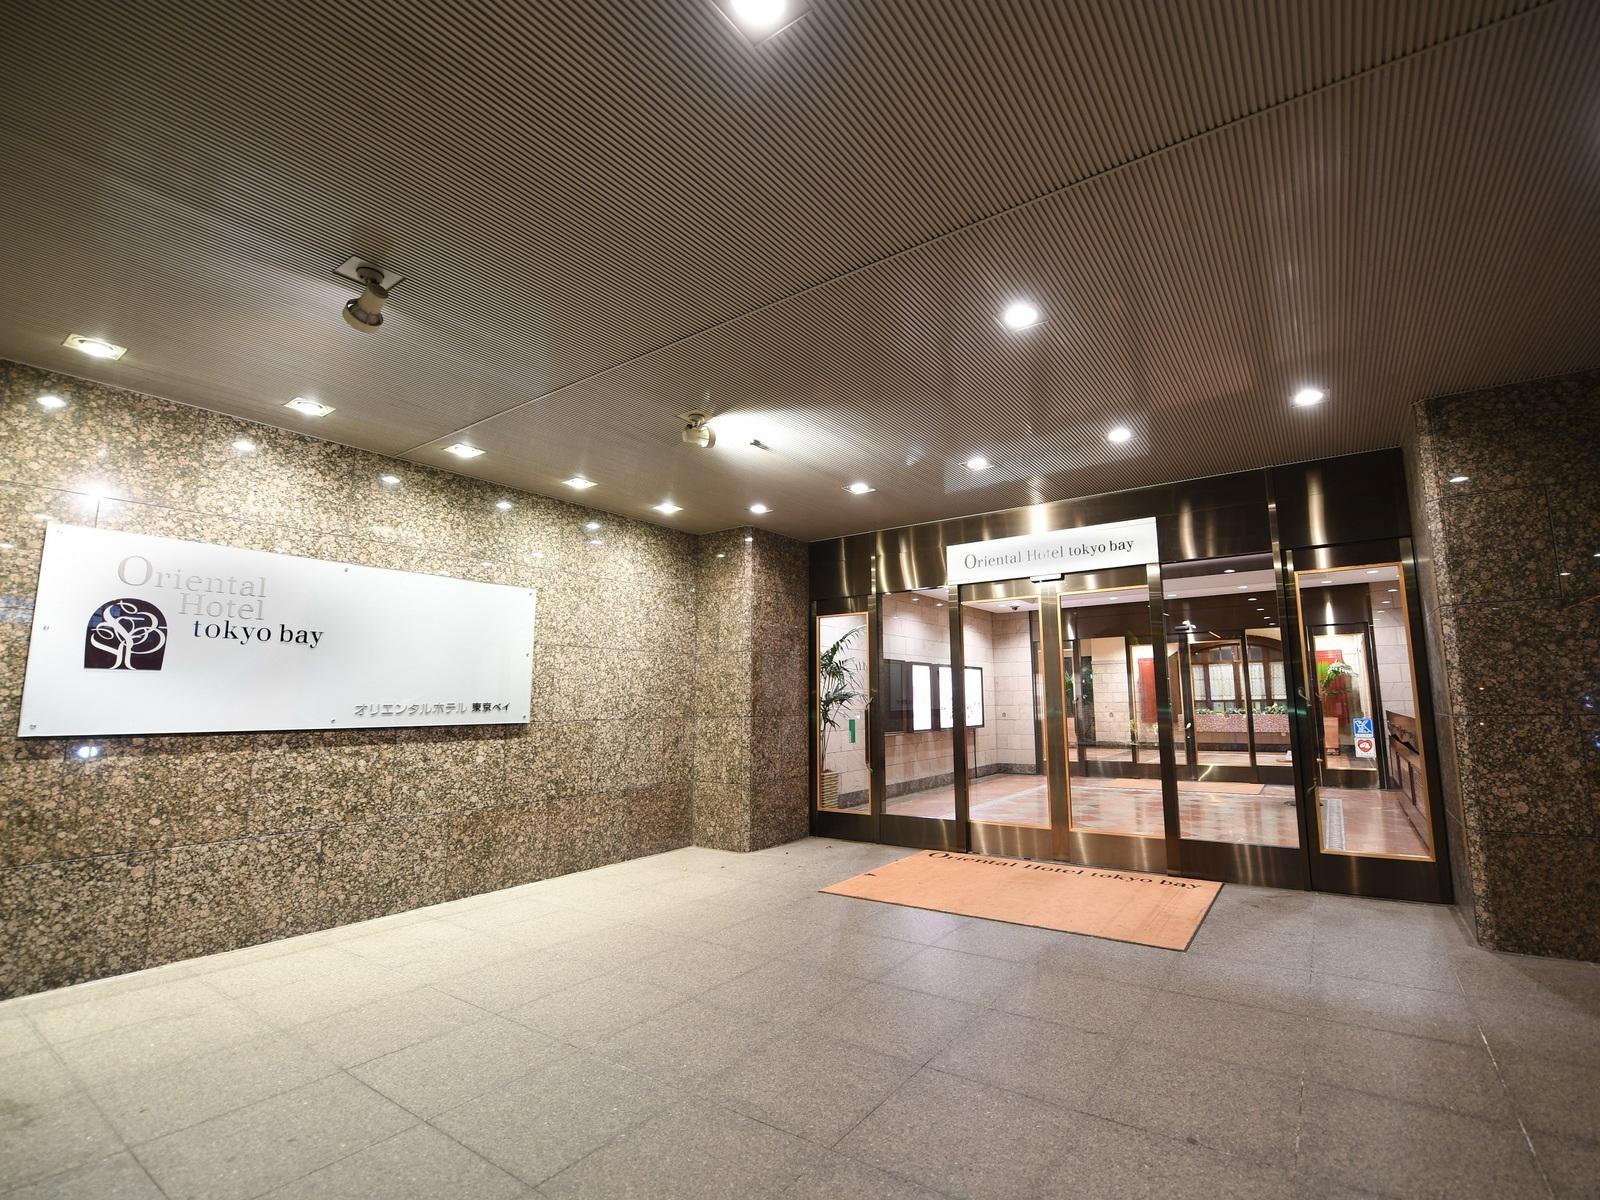 オリエンタルホテル 東京ベイ 【シンプルステイ♪】スタンダード/スタンダードプラスルーム 素泊り